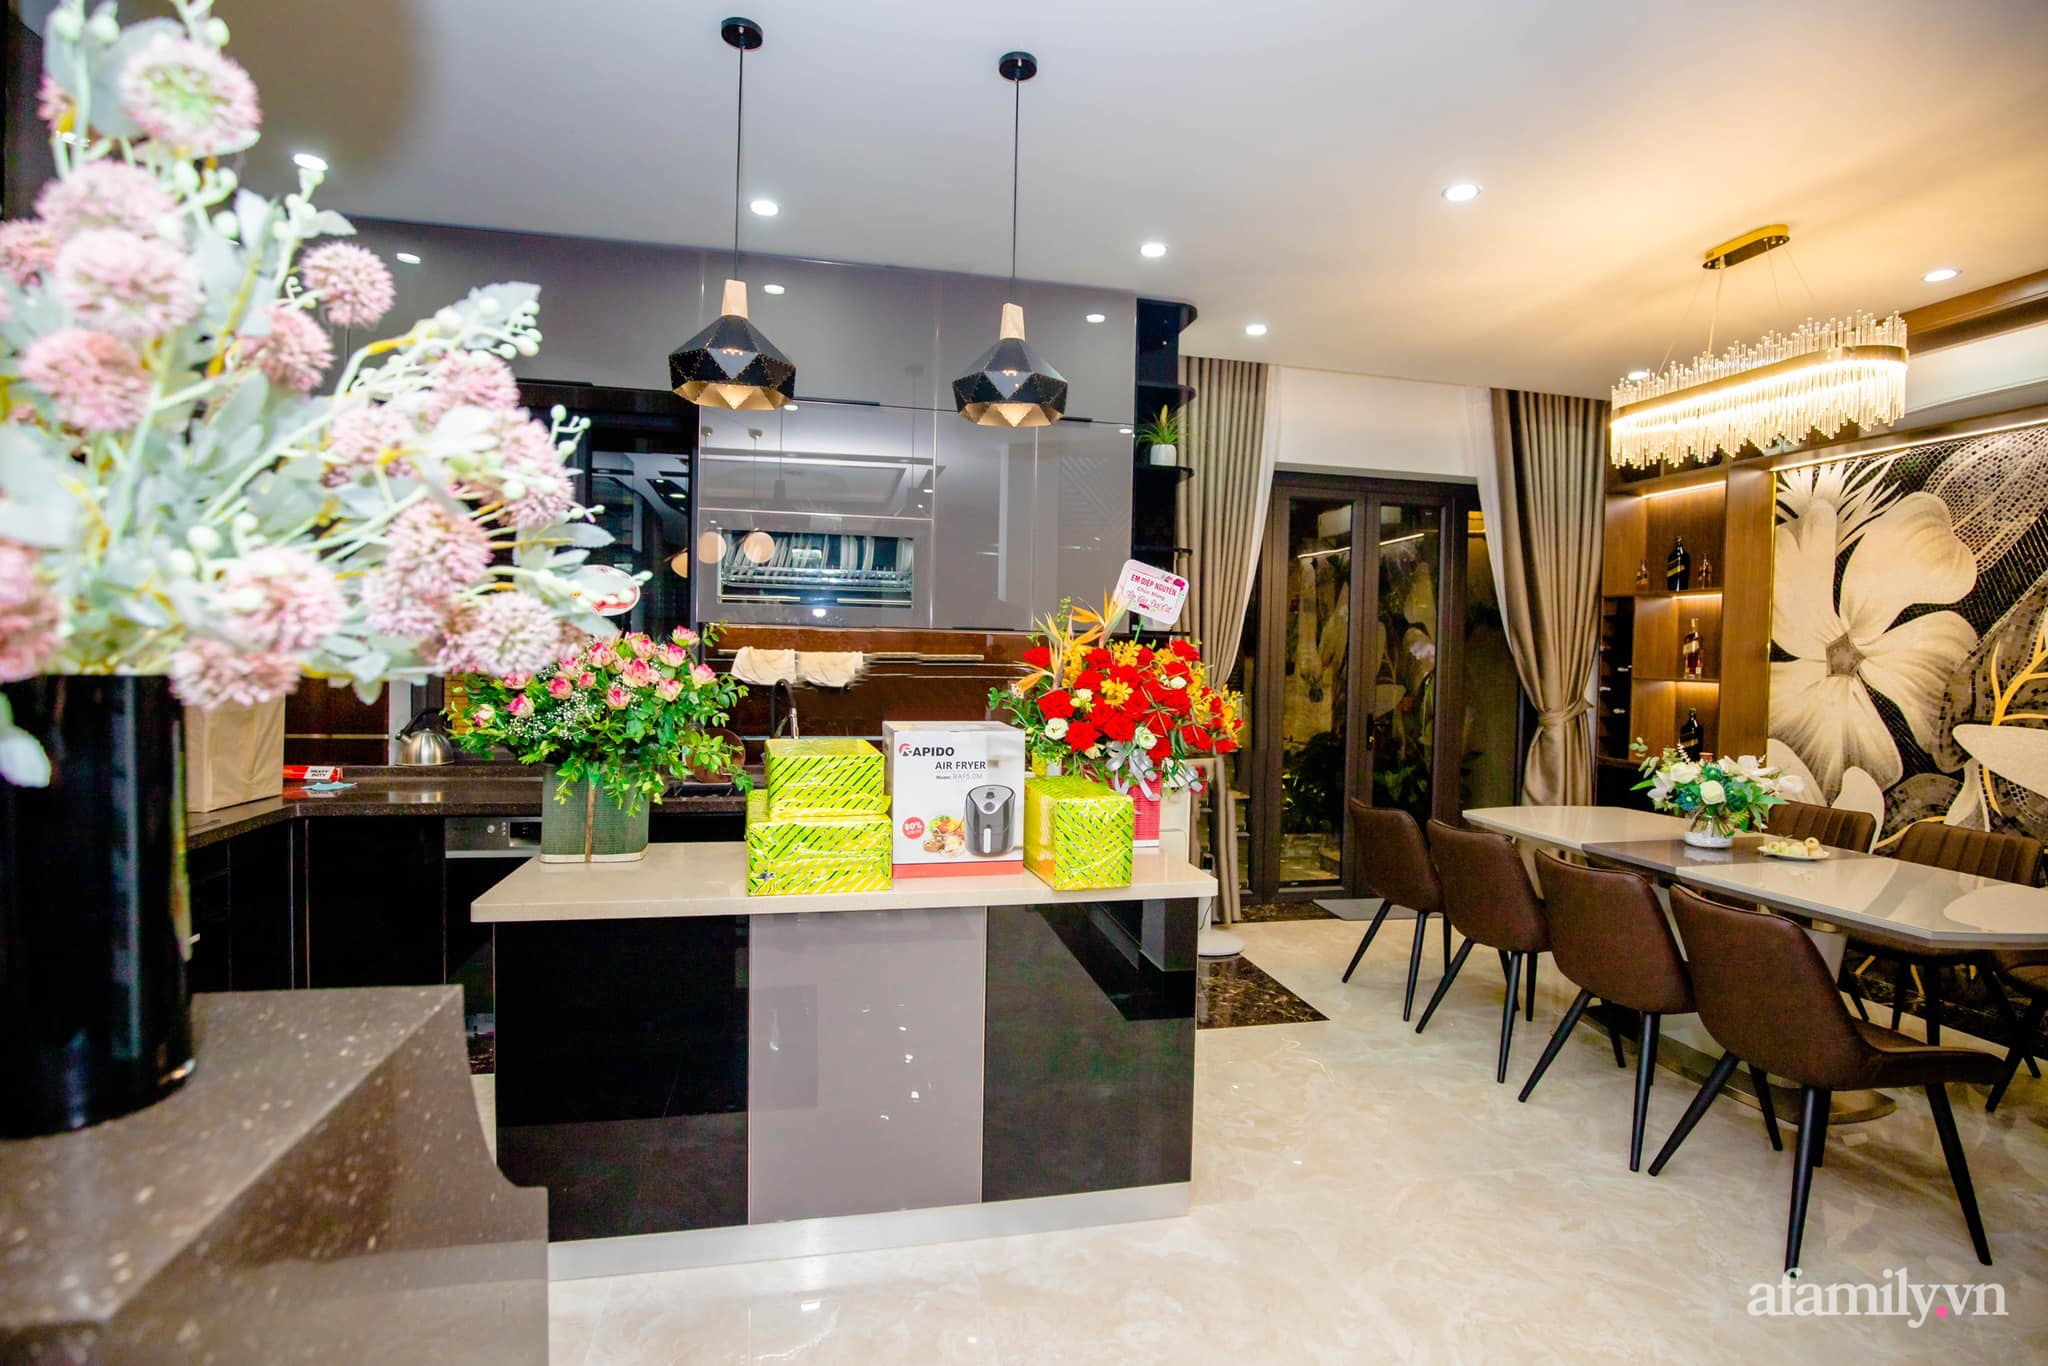 Bóc giá căn bếp đẹp chanh sả được đầu tư toàn đồ xịn sò với tổng chi phí gần 200 triệu đồng ở Hải Phòng - Ảnh 9.